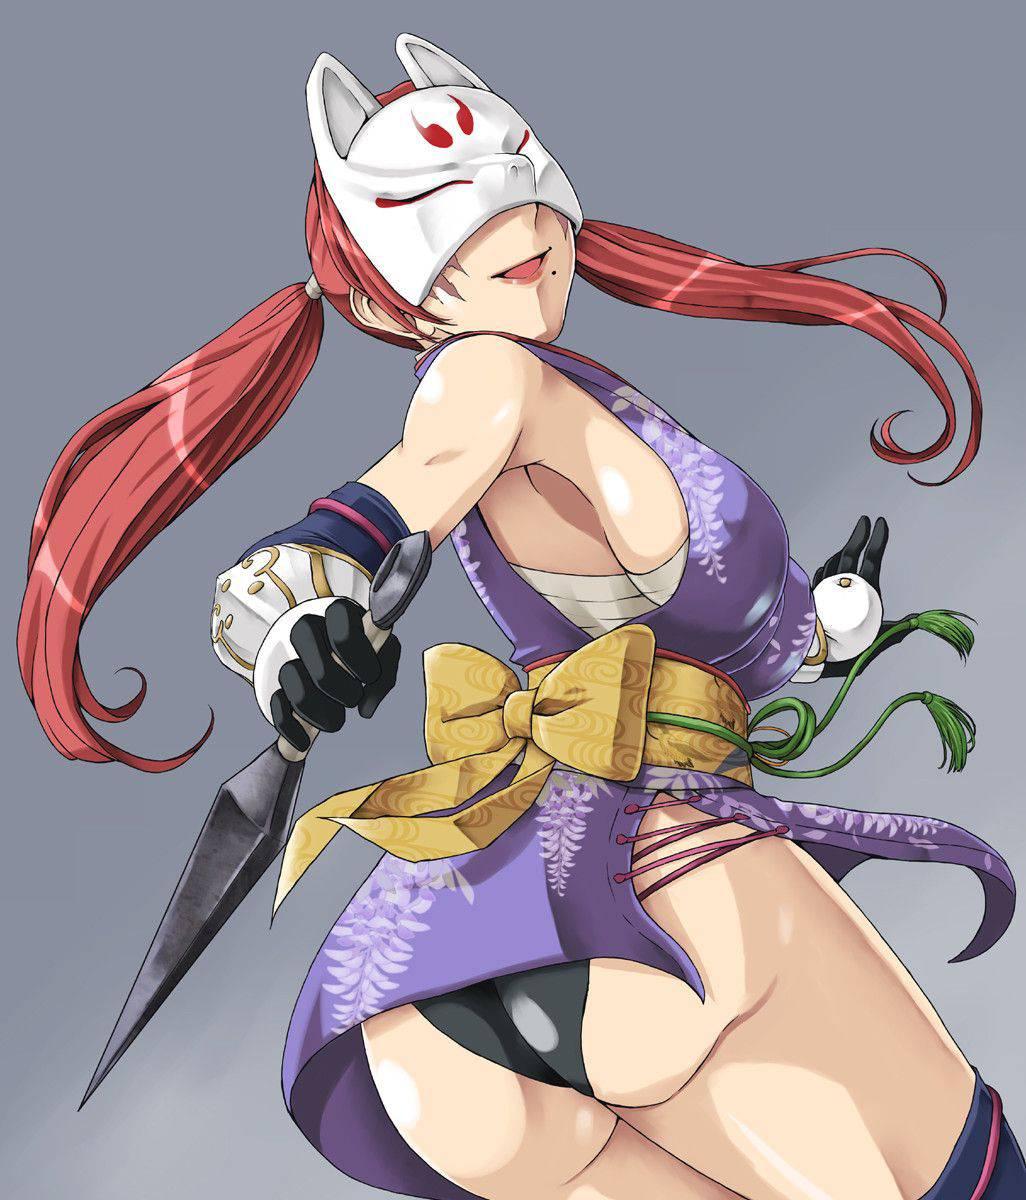 【くのいち】色仕掛けが上手そうな女忍者達の二次エロ画像【12】